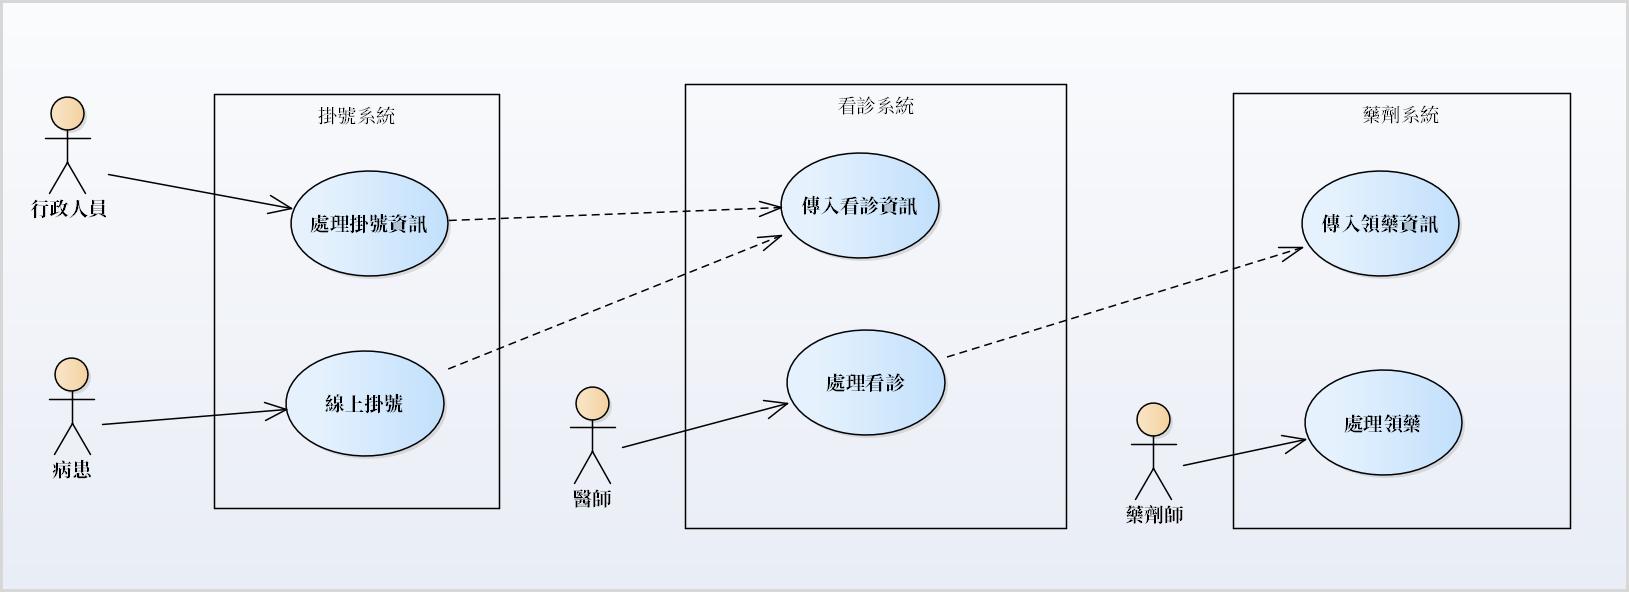 「軟體需求分析與塑模」- 什麼是系統功能